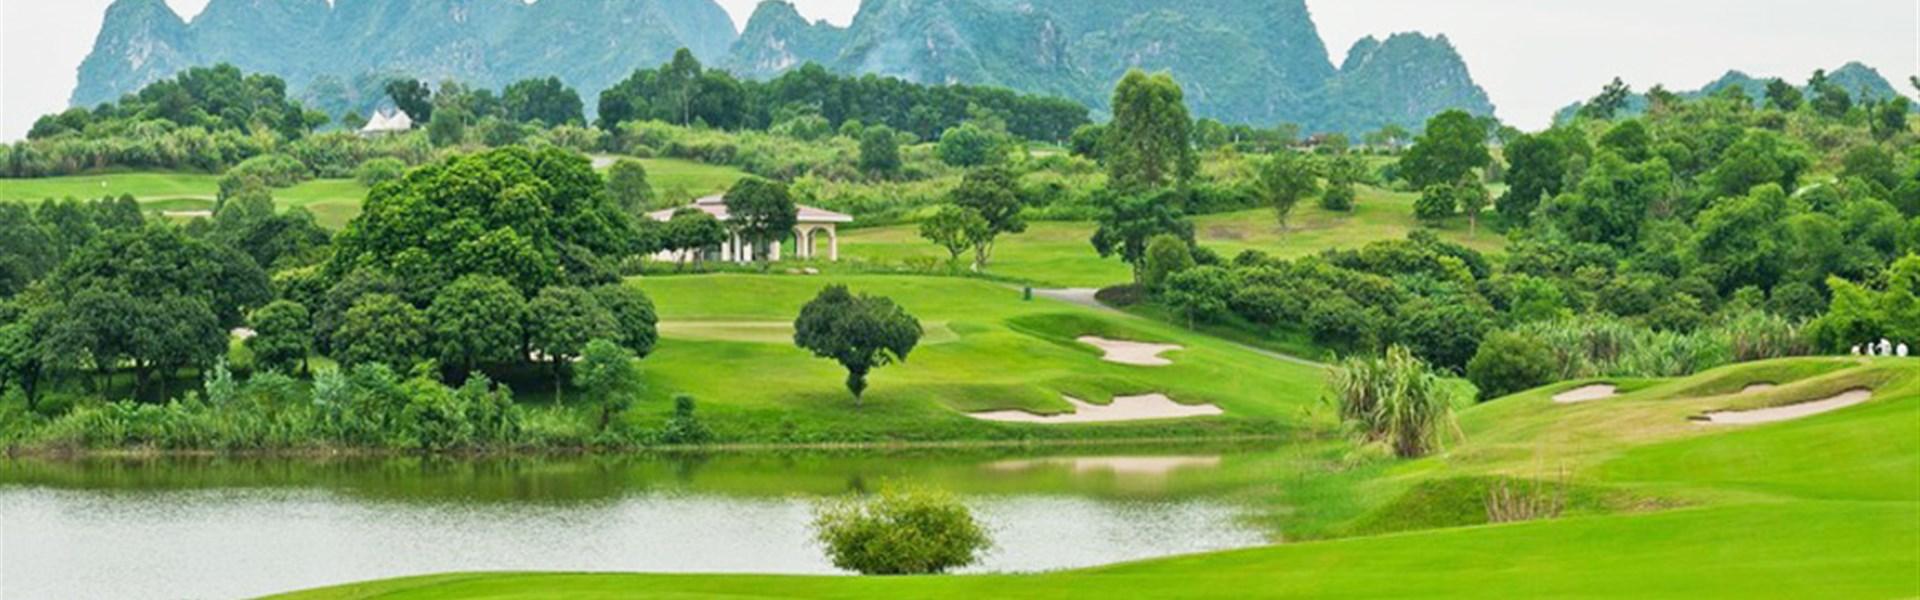 Golf ve Vietnamu - severní Vietnam - Golf ve Vietnamu - severní Vietnam